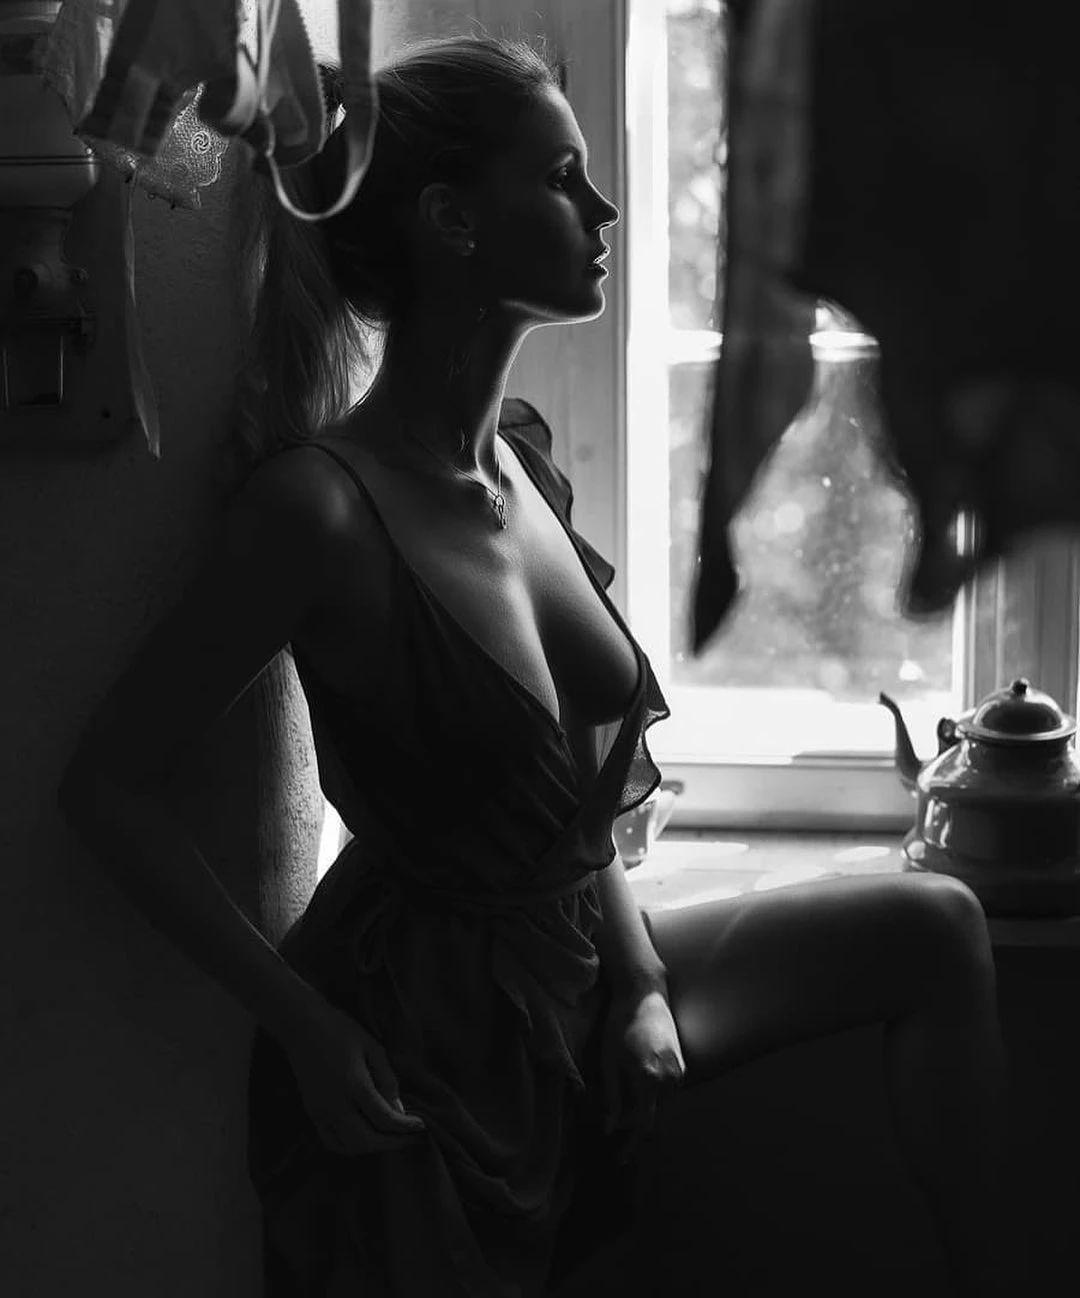 优雅的黑白人体摄影,极致的美感插图(6)